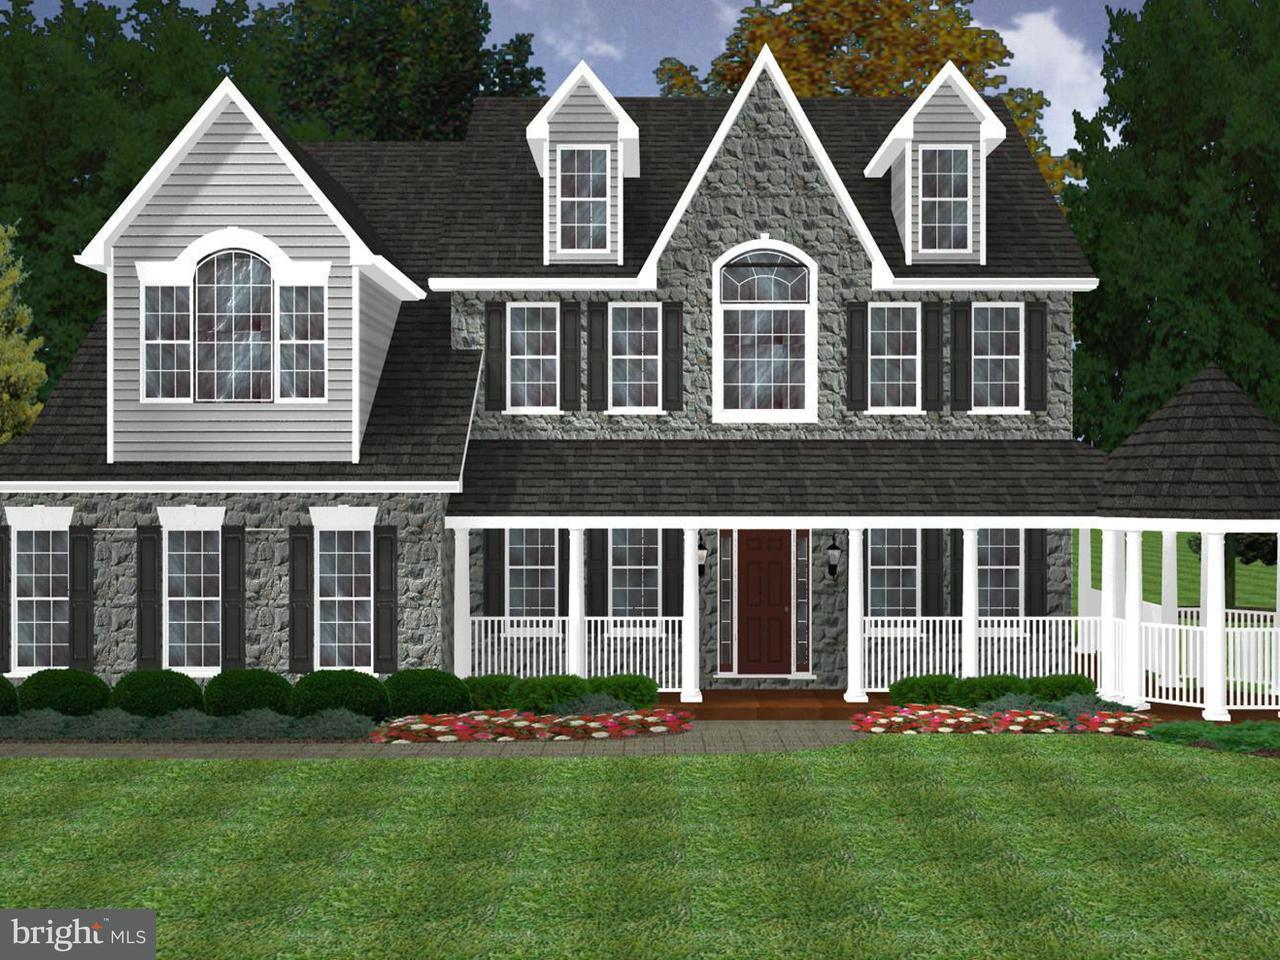 独户住宅 为 销售 在 3548 PINOT Place 3548 PINOT Place Chesapeake Beach, 马里兰州 20732 美国